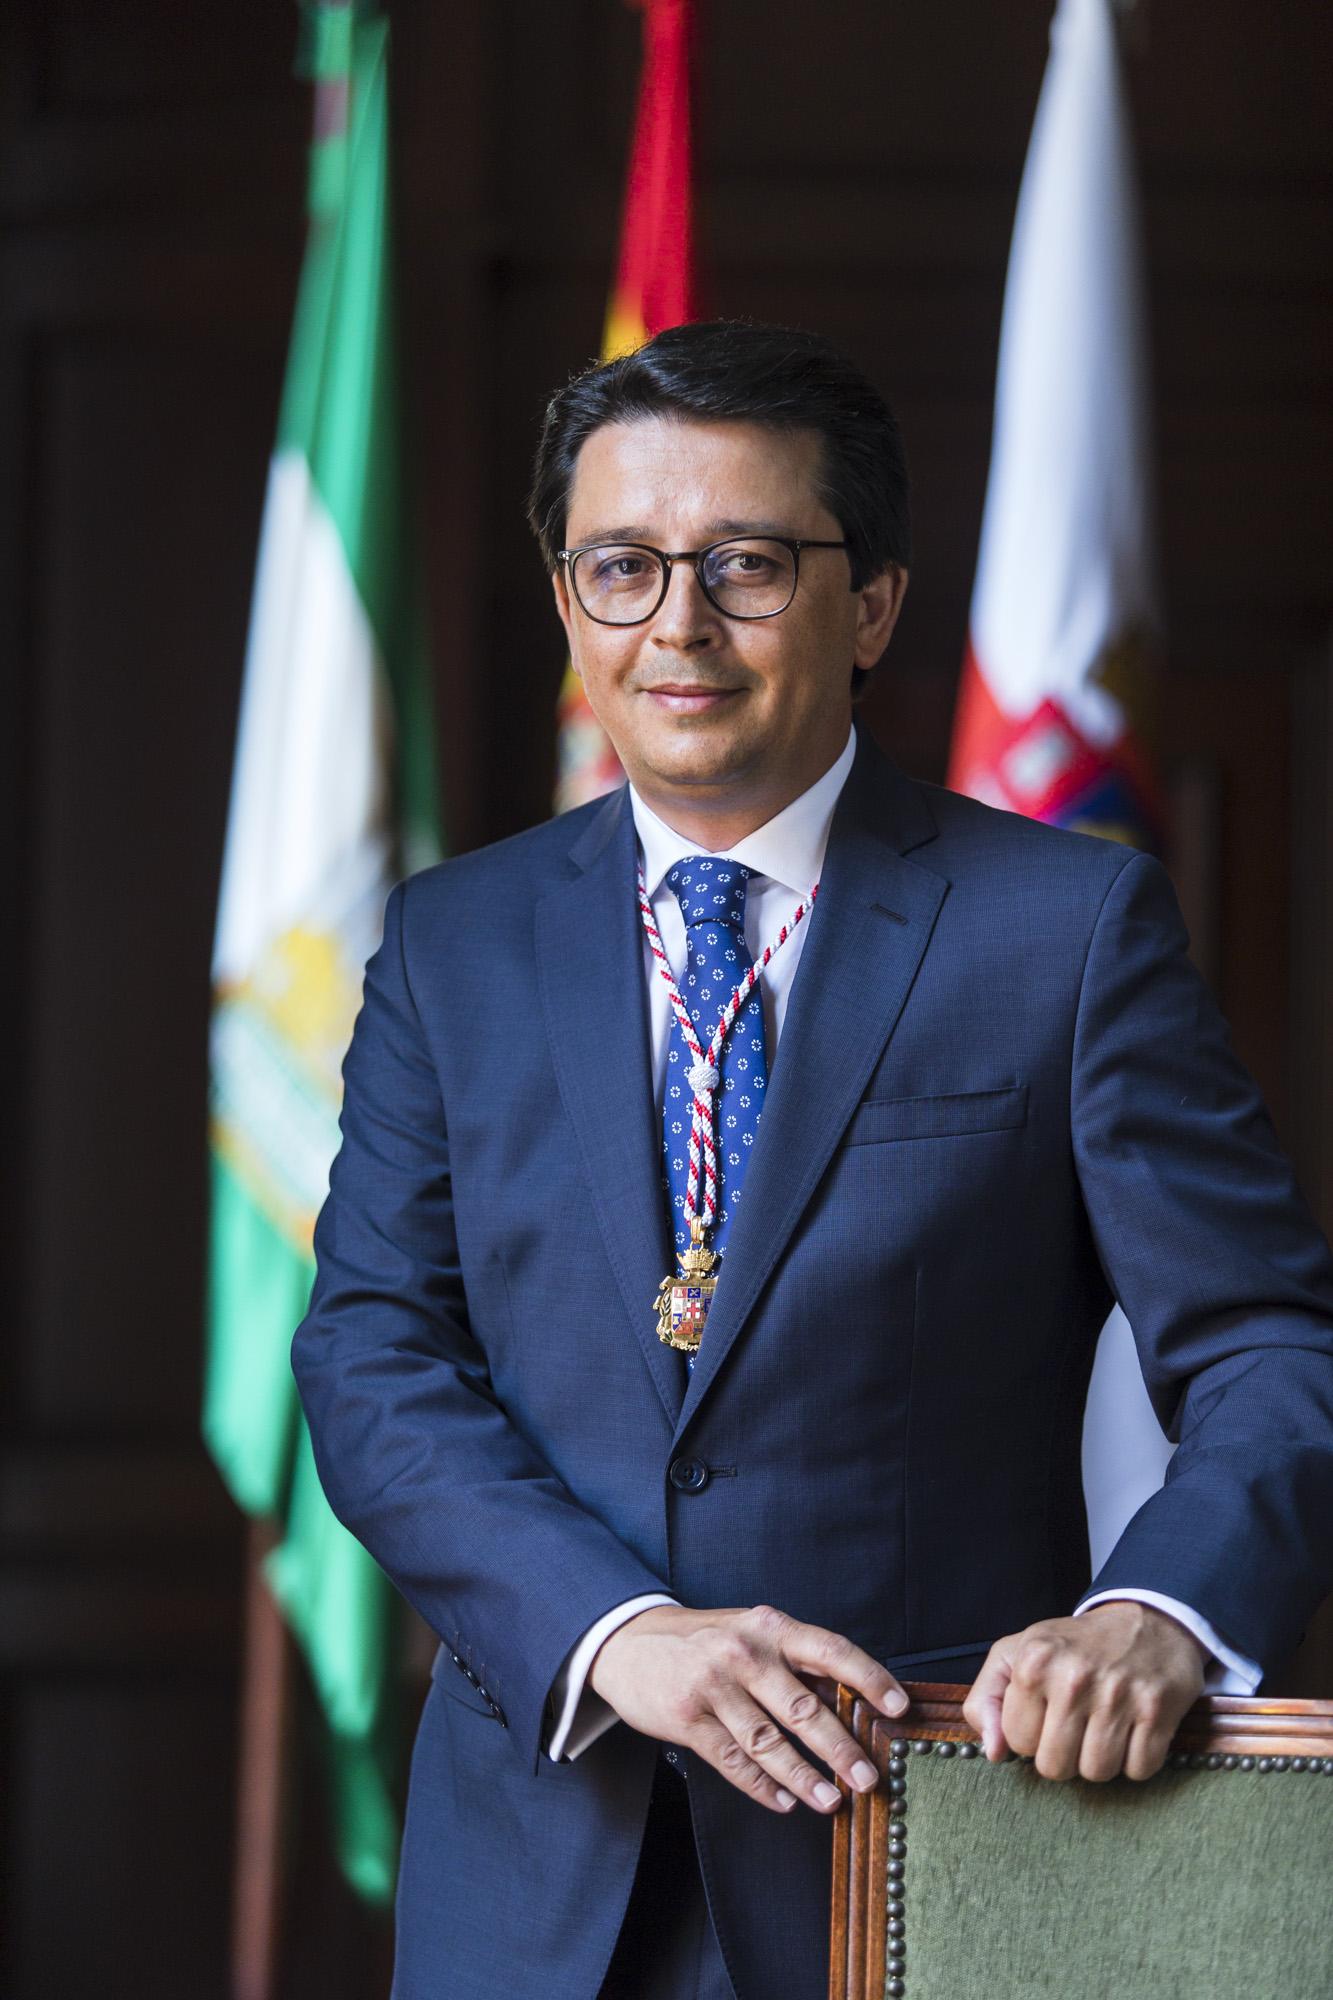 Manuel Guzmán de la Roza